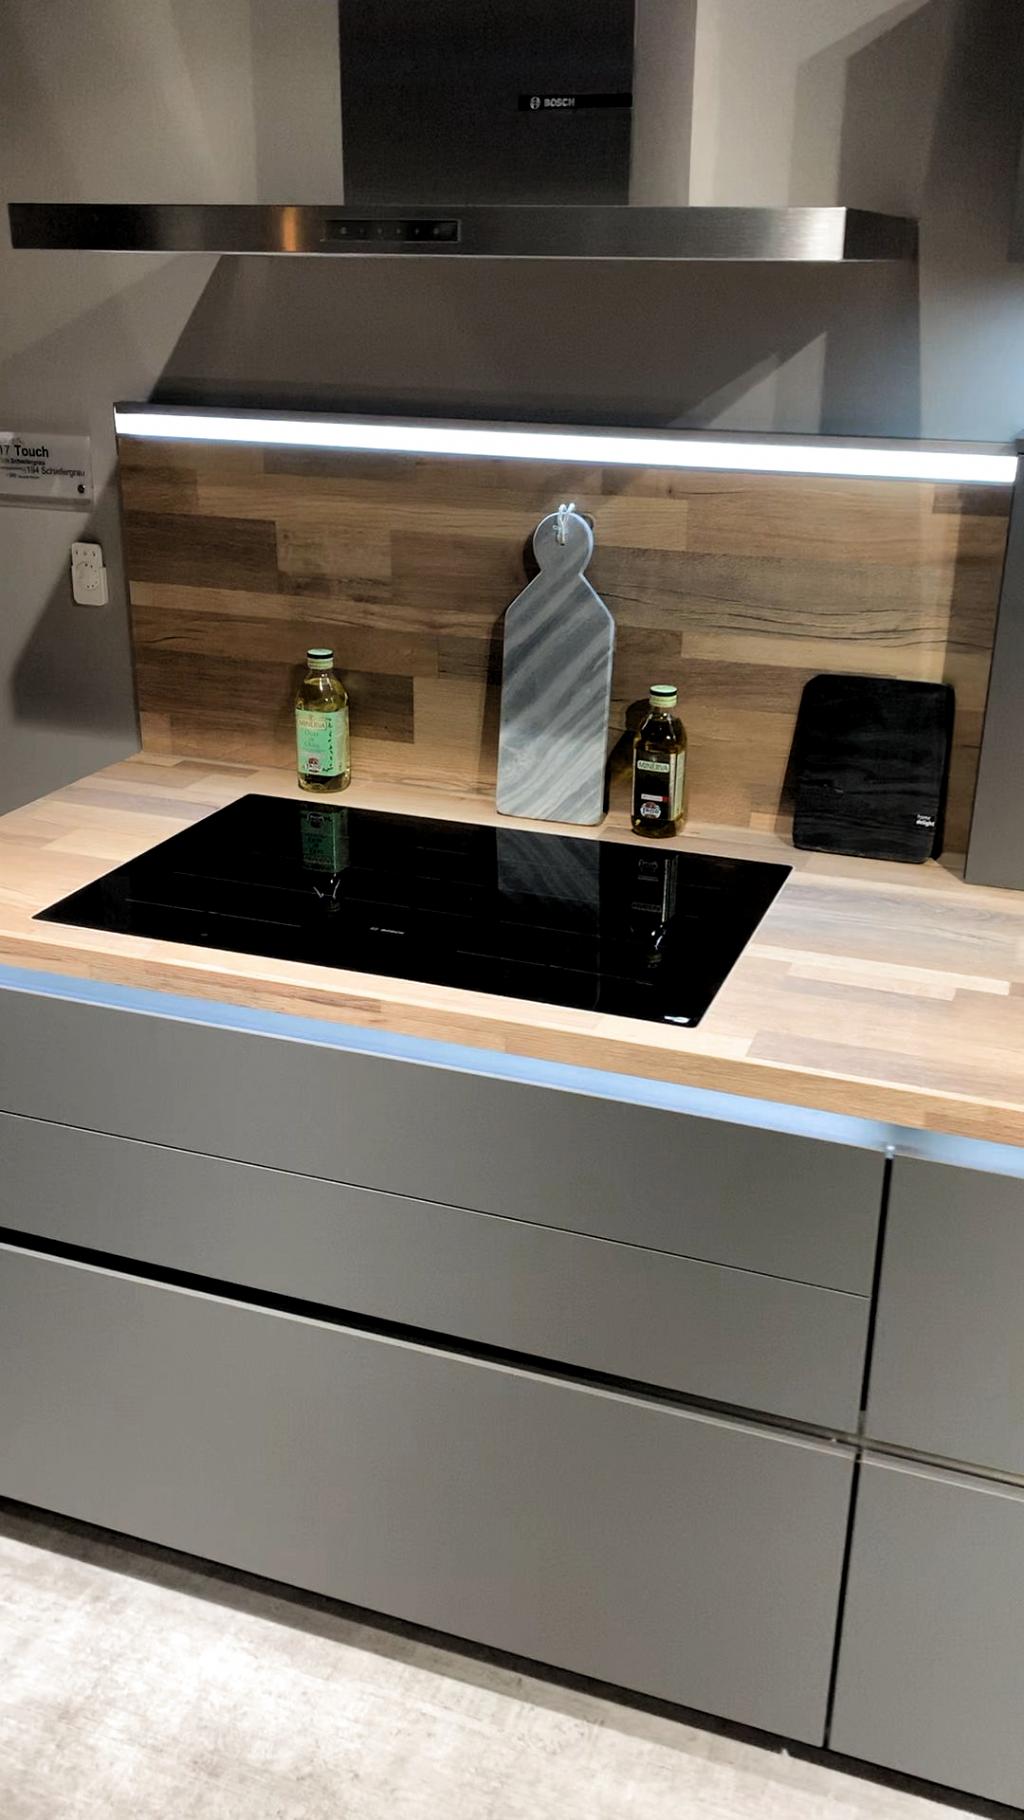 #homedecor #decorate #homedeco #homeimprovement #homeremodel #interiordesign #interiordesigner #homestyle #luxury #kitchendesign #küchenpartner